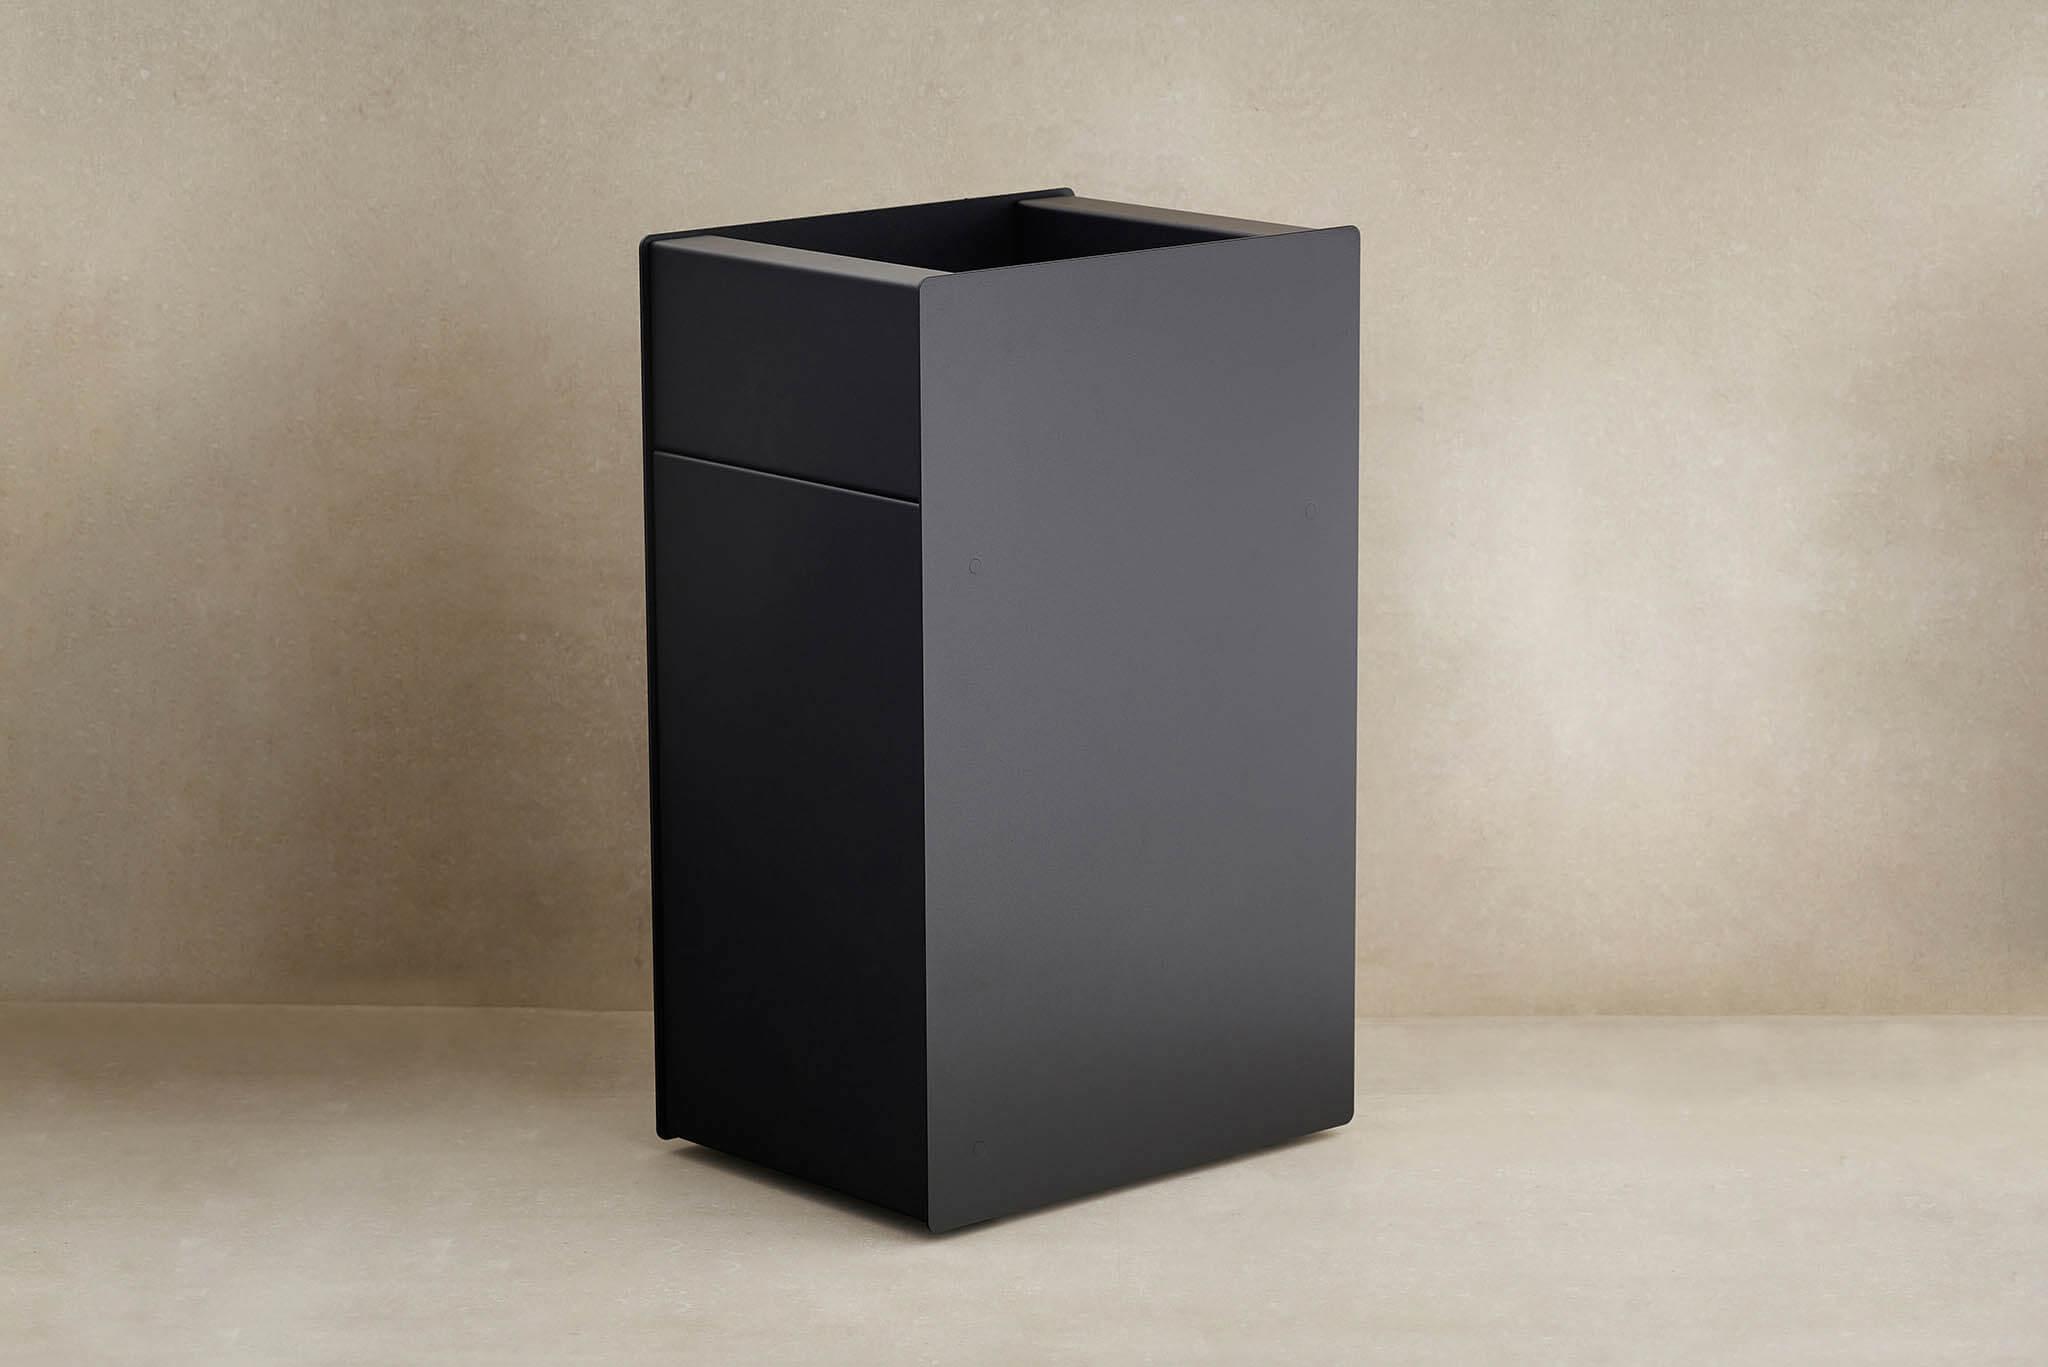 Waste bin black